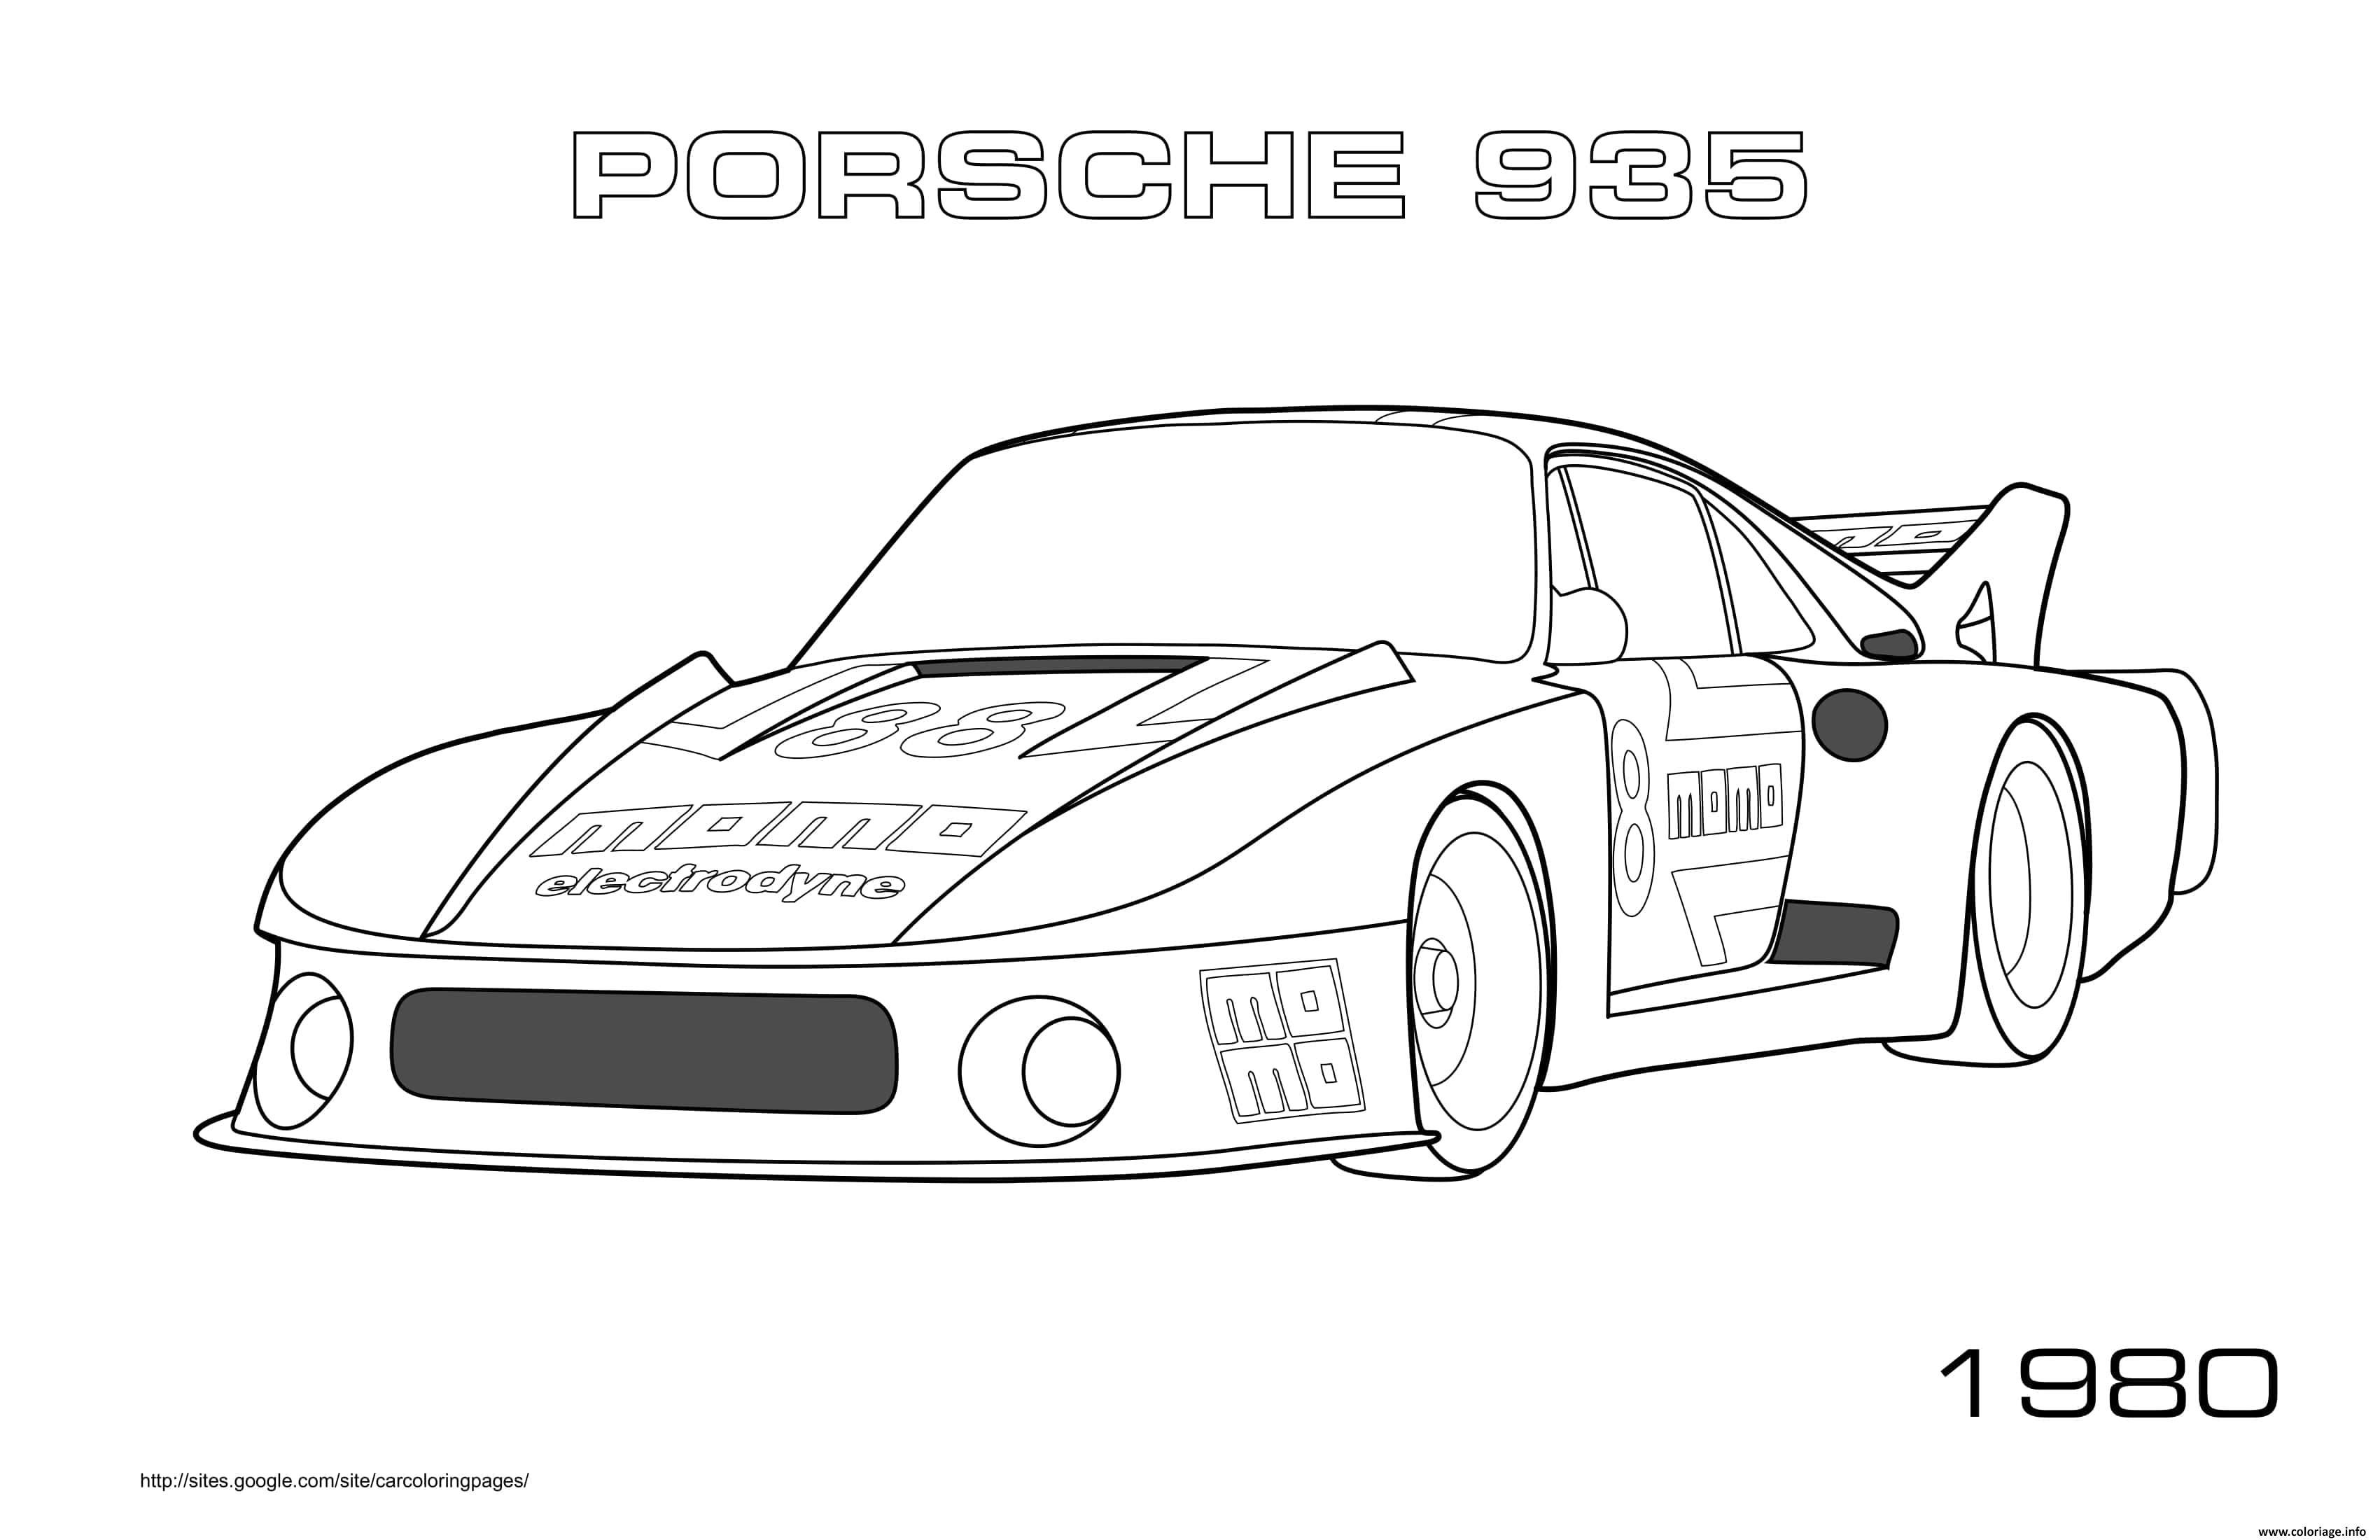 Dessin Porsche 935 1980 Coloriage Gratuit à Imprimer